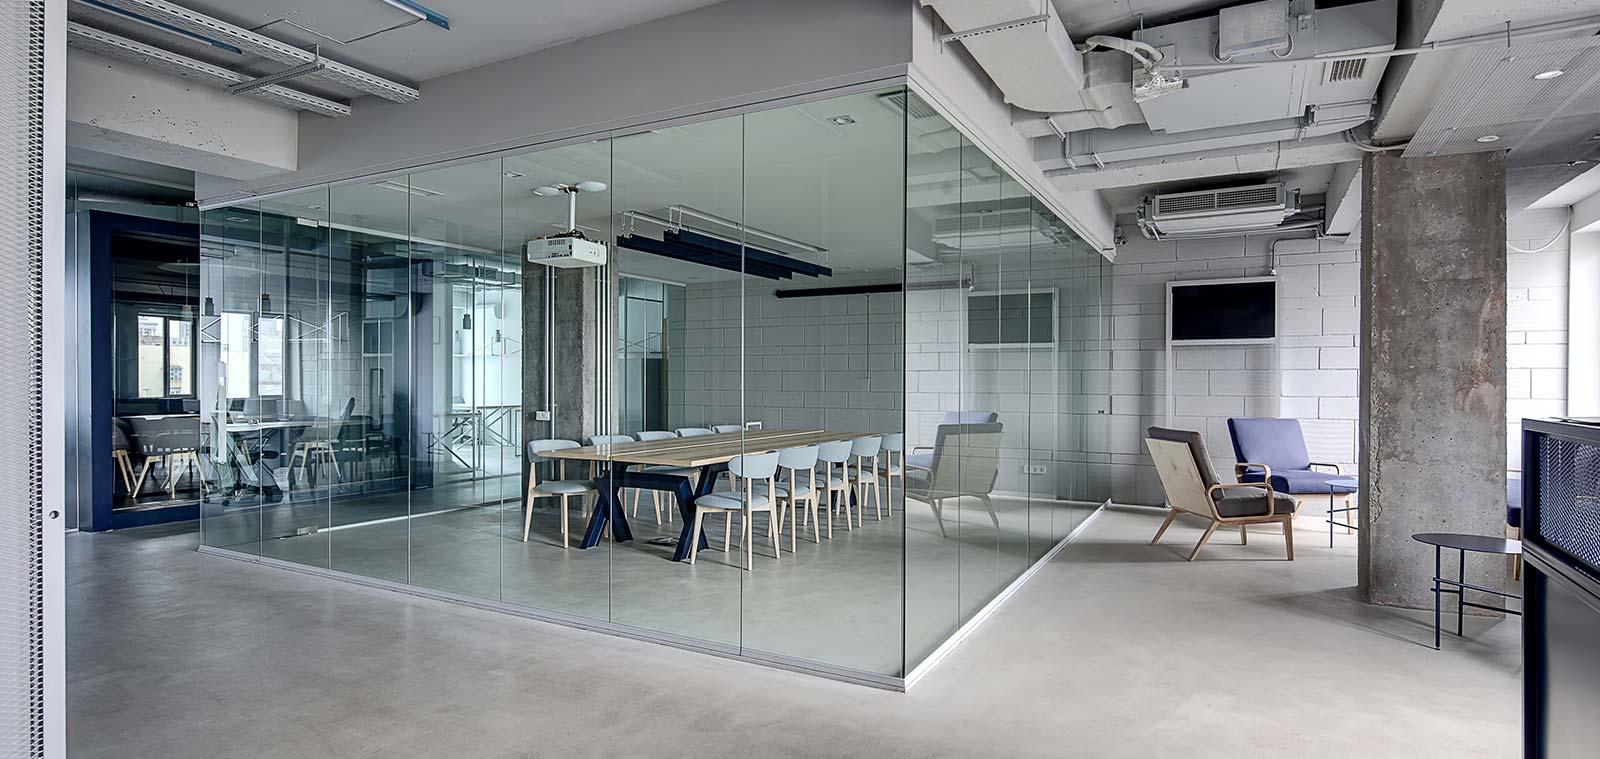 Parete Ferro E Vetro pareti divisorie in vetro - produzione e vendita di pareti